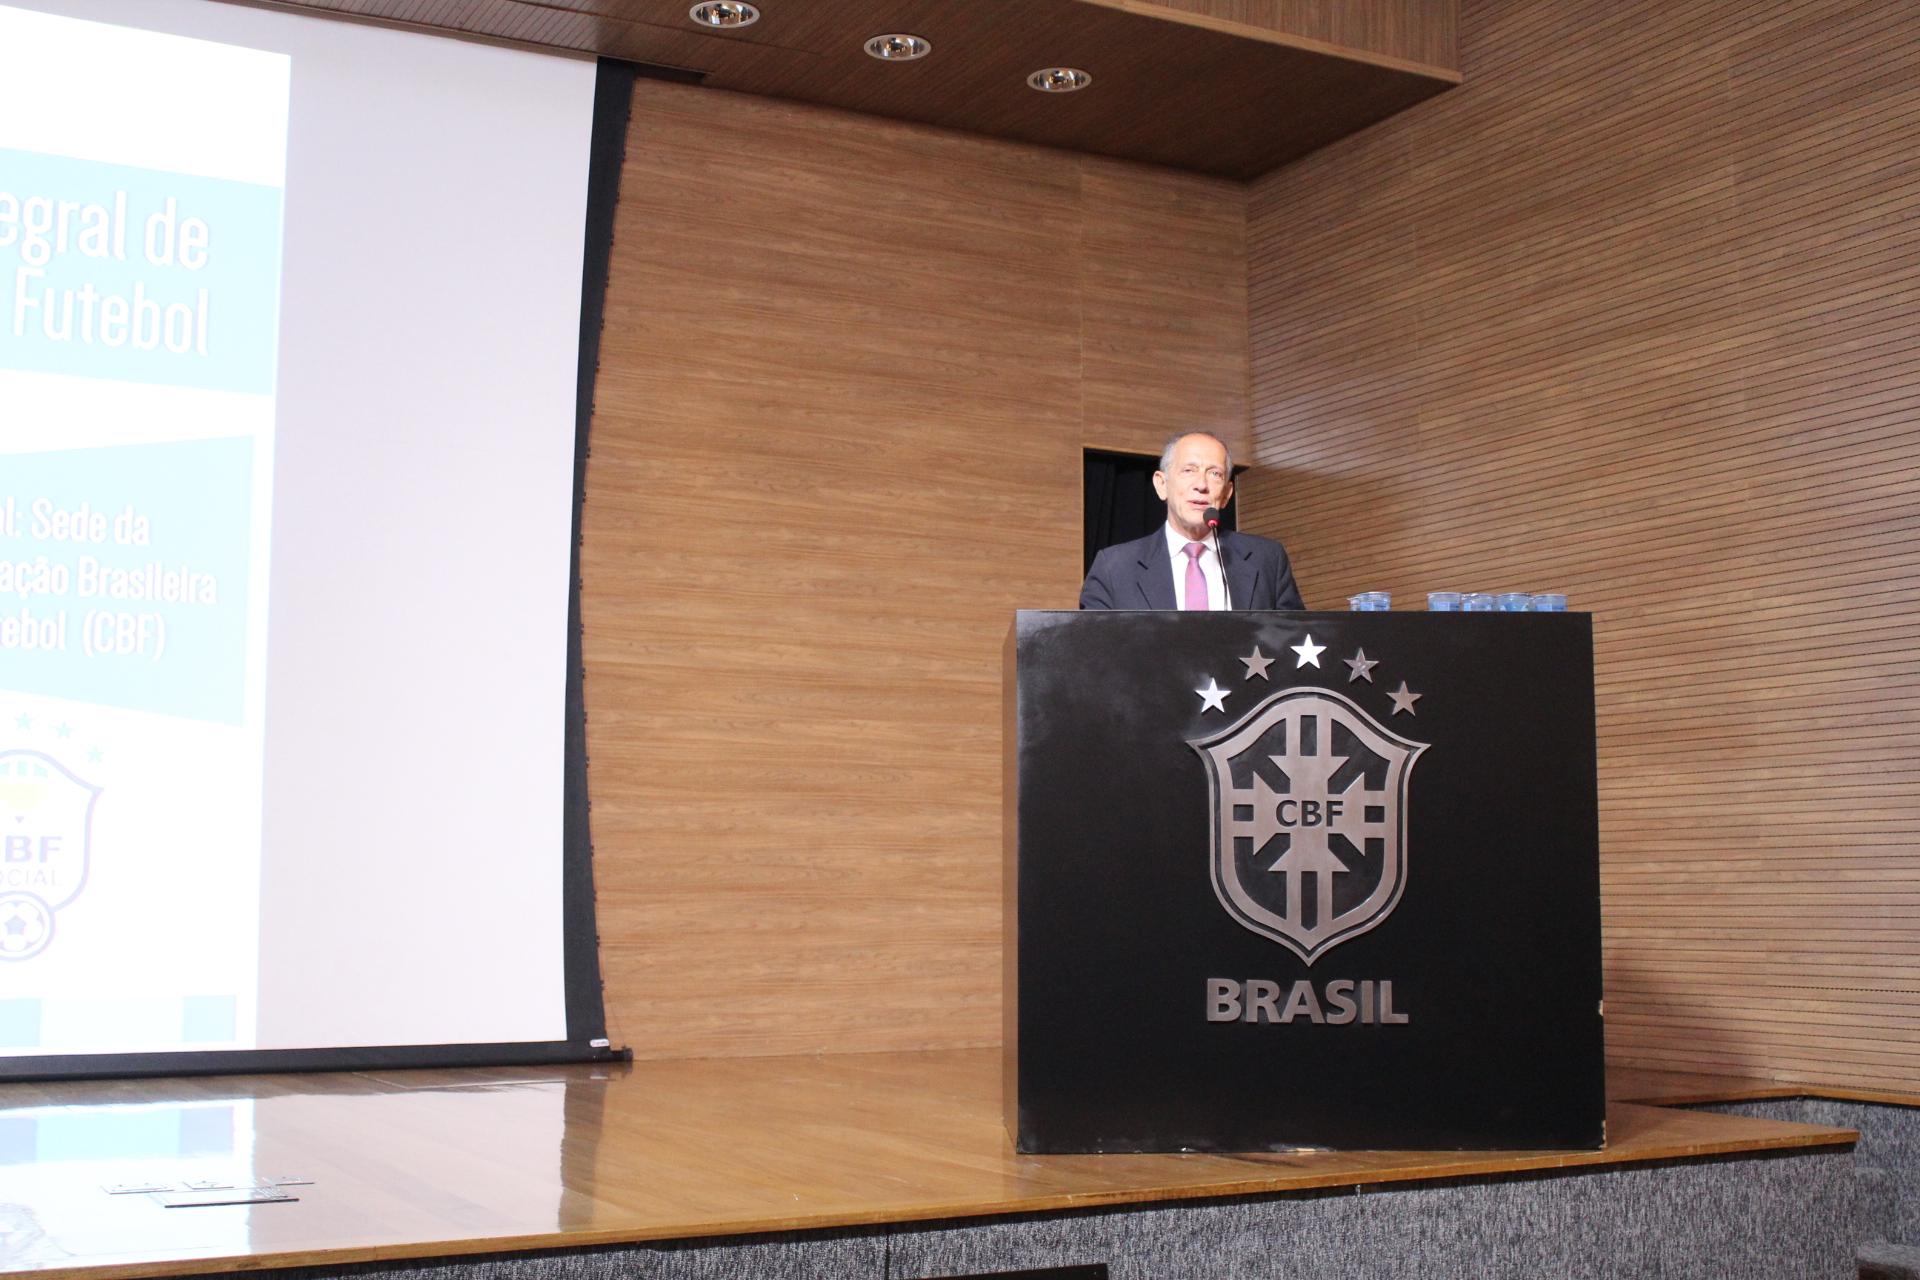 Cruz Vermelha Brasileira participa de seminário na CBF (3)